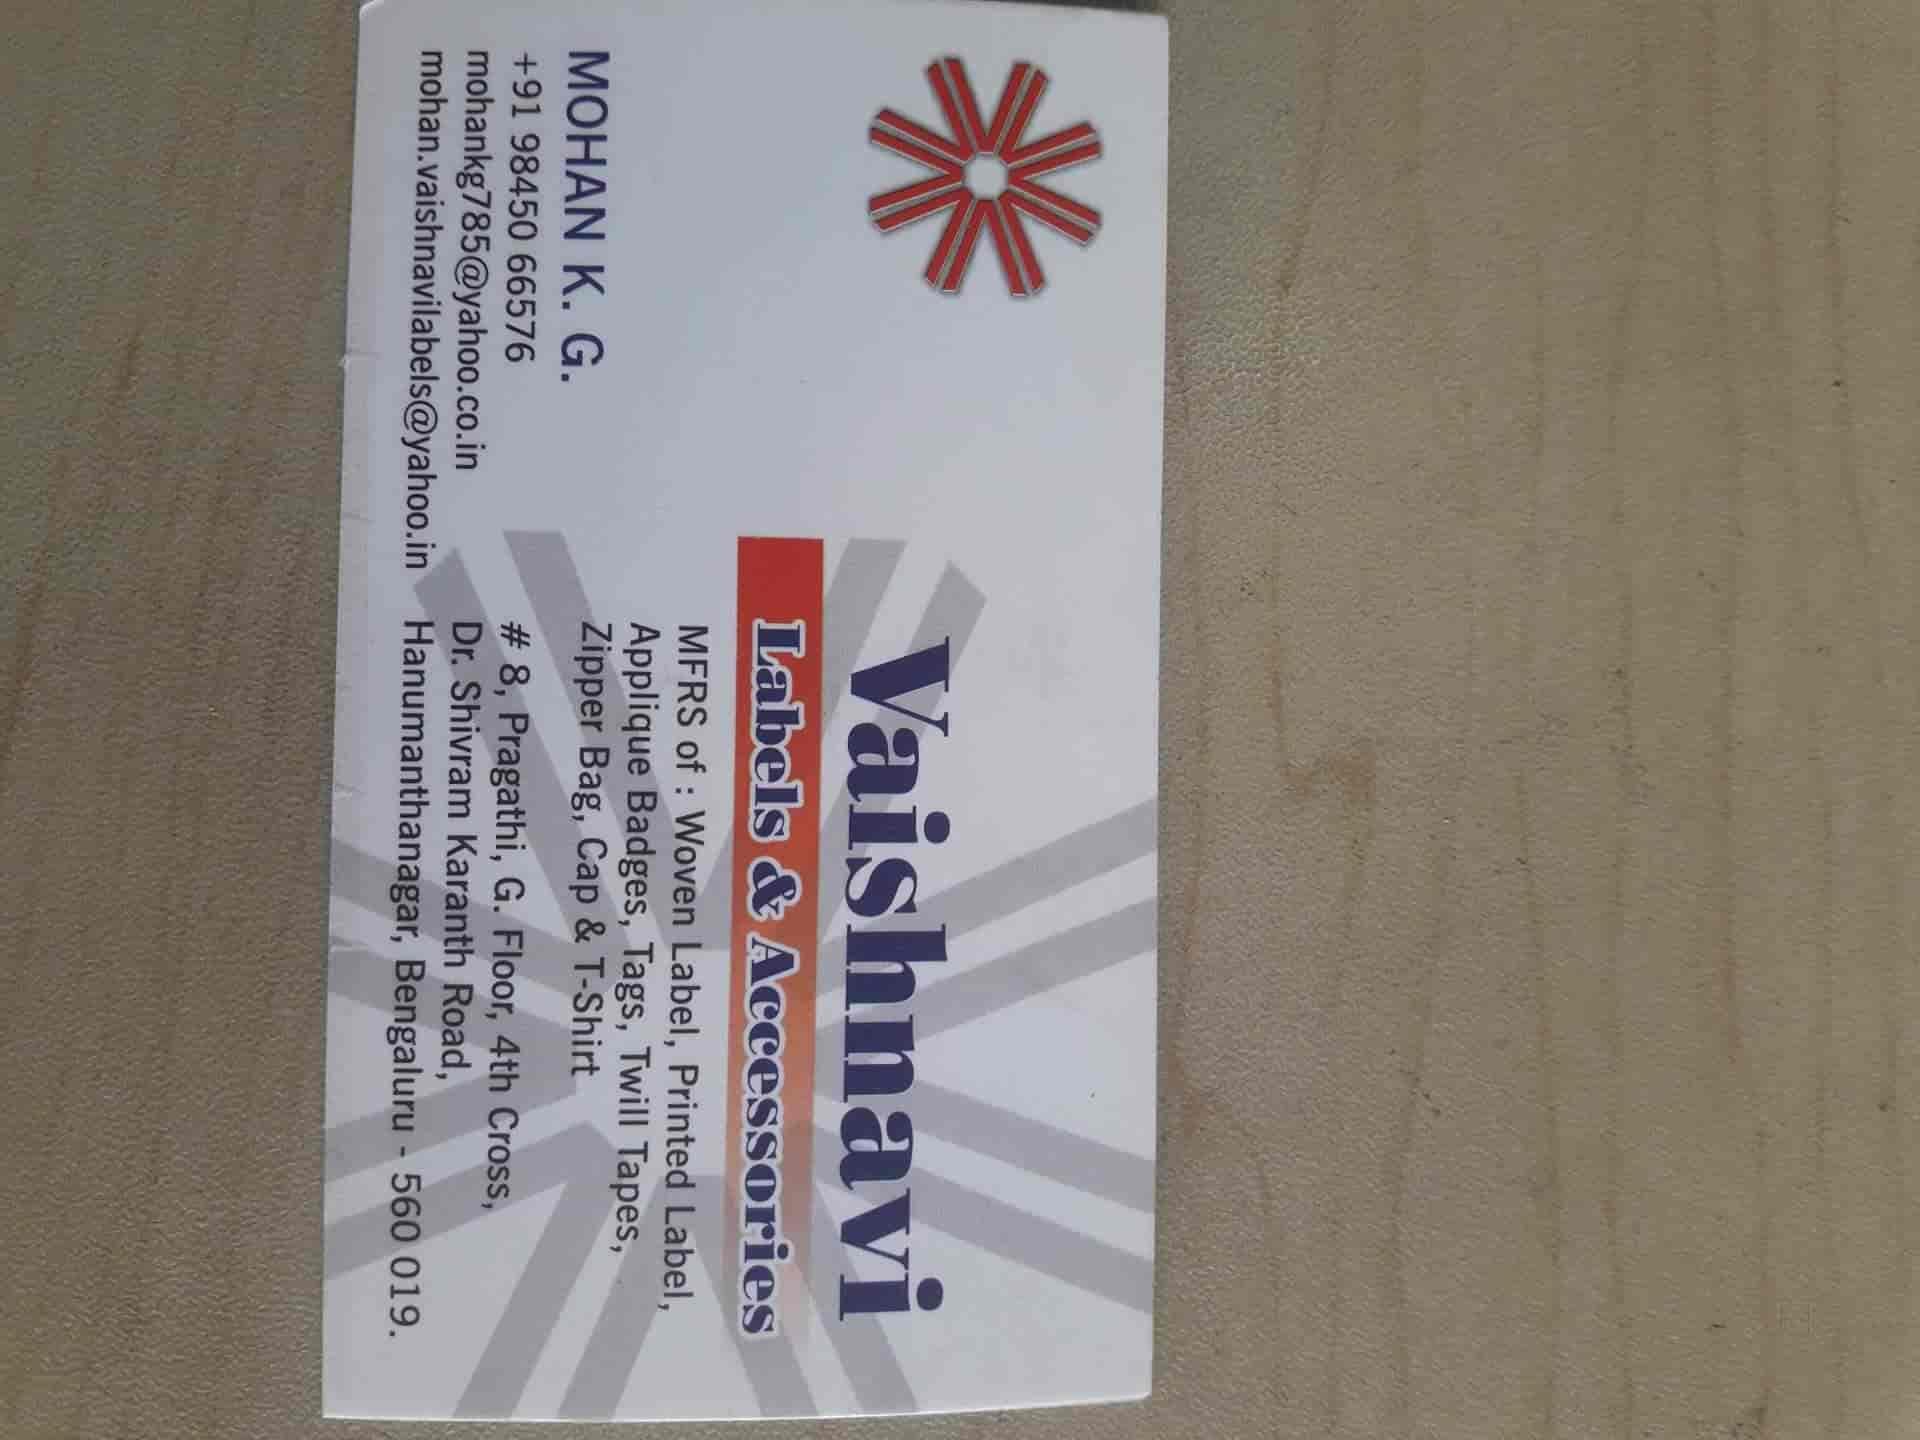 Vaishnavi Labels & Accessories, Srinagar Banashankari 1st